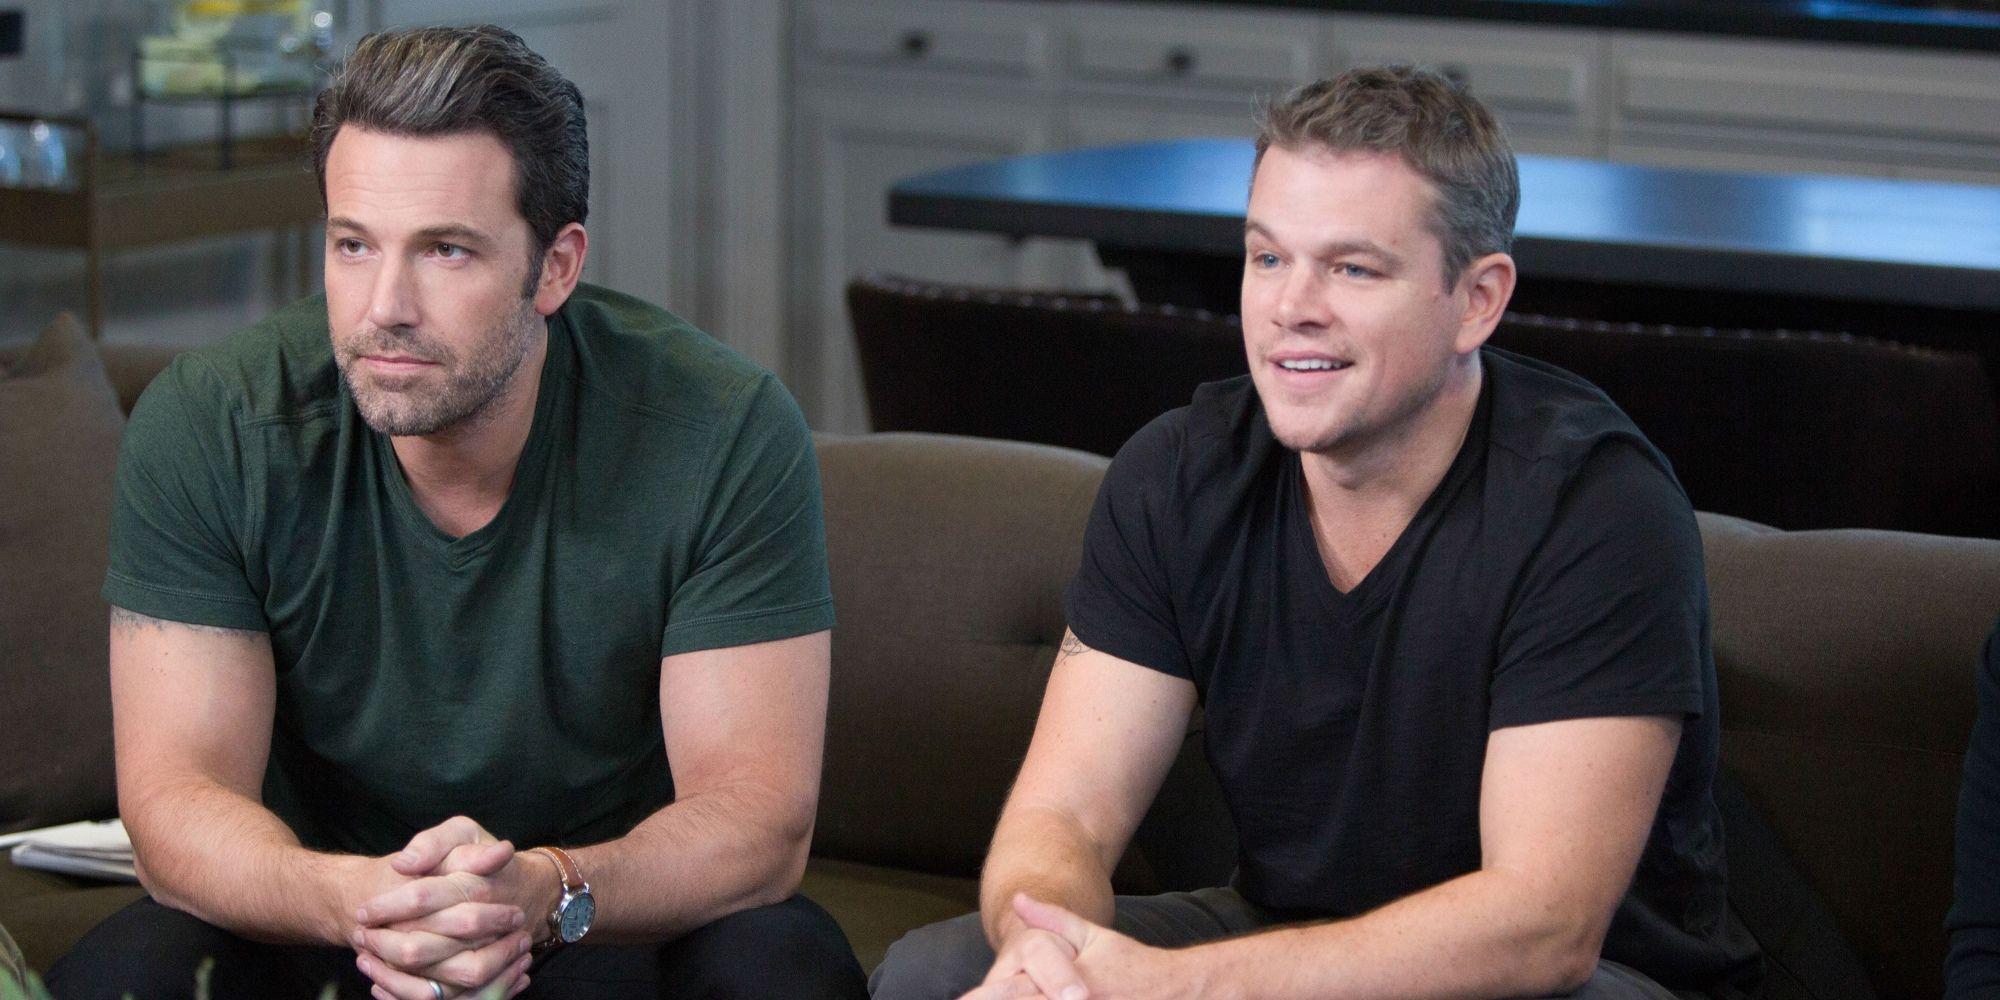 Matt Damon Discusses Working Under A Ben Affleck-Directed Film